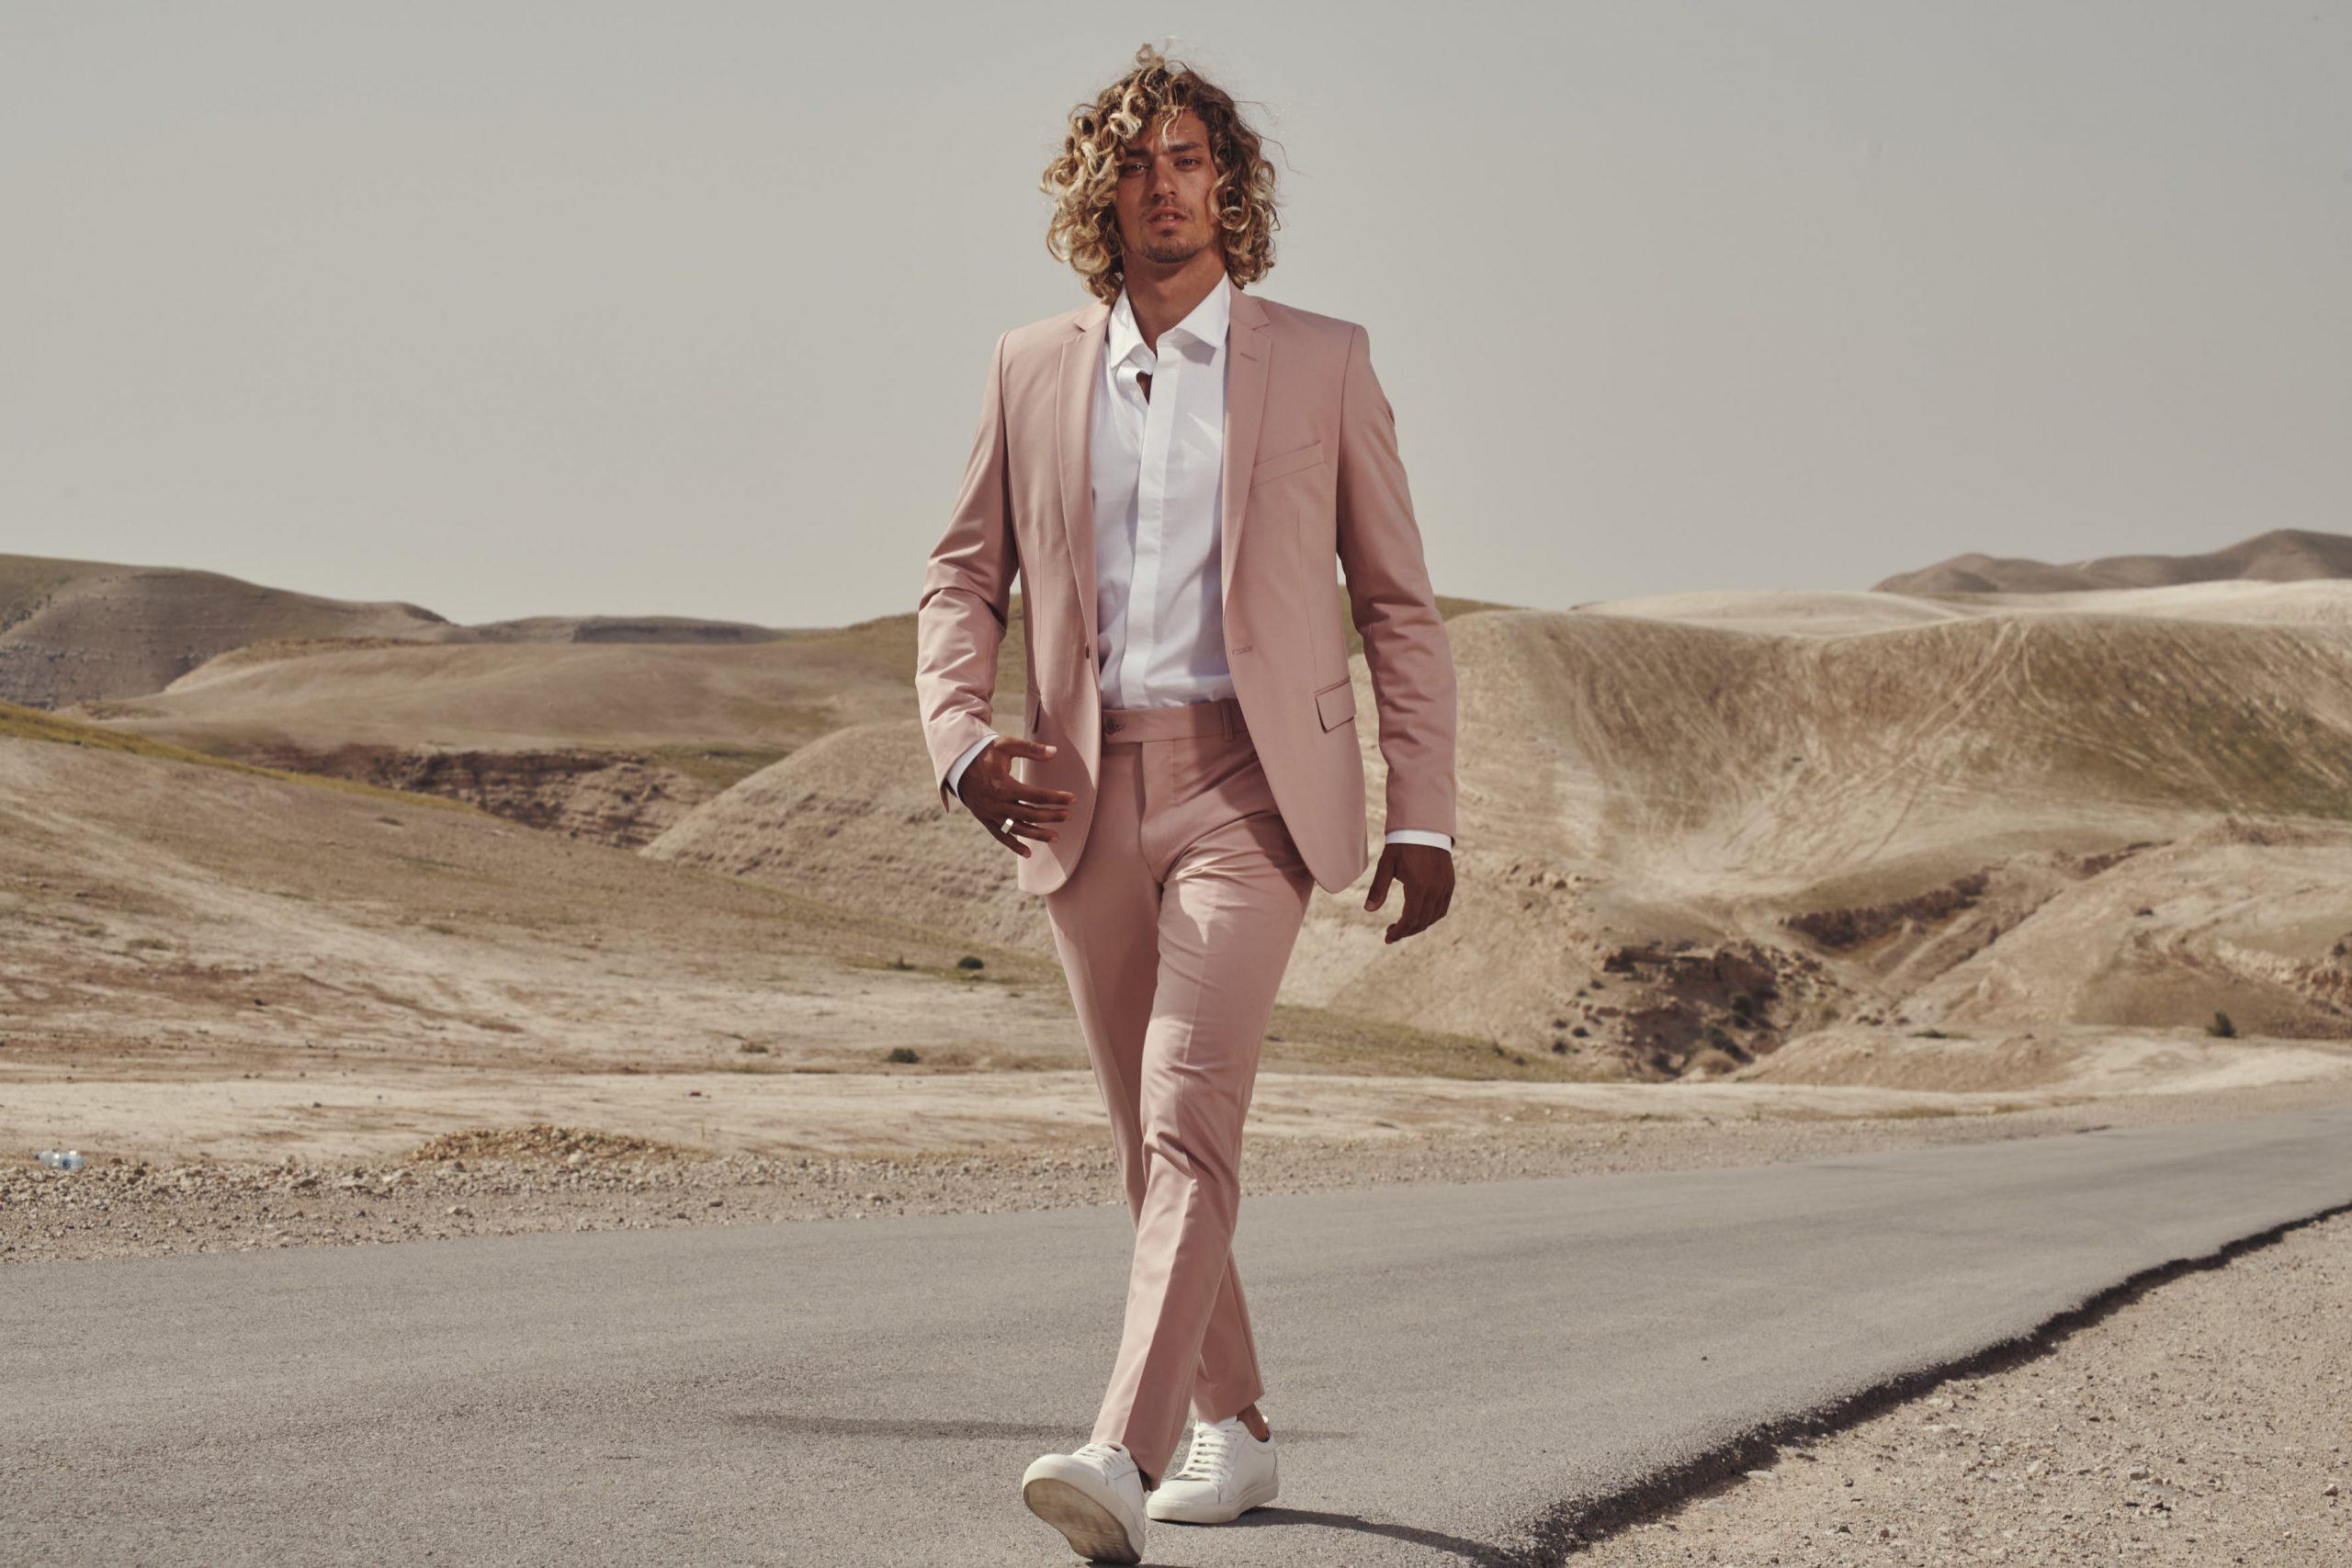 חליפה מעוצבת לגבר מבית אופנת סגל נתניה